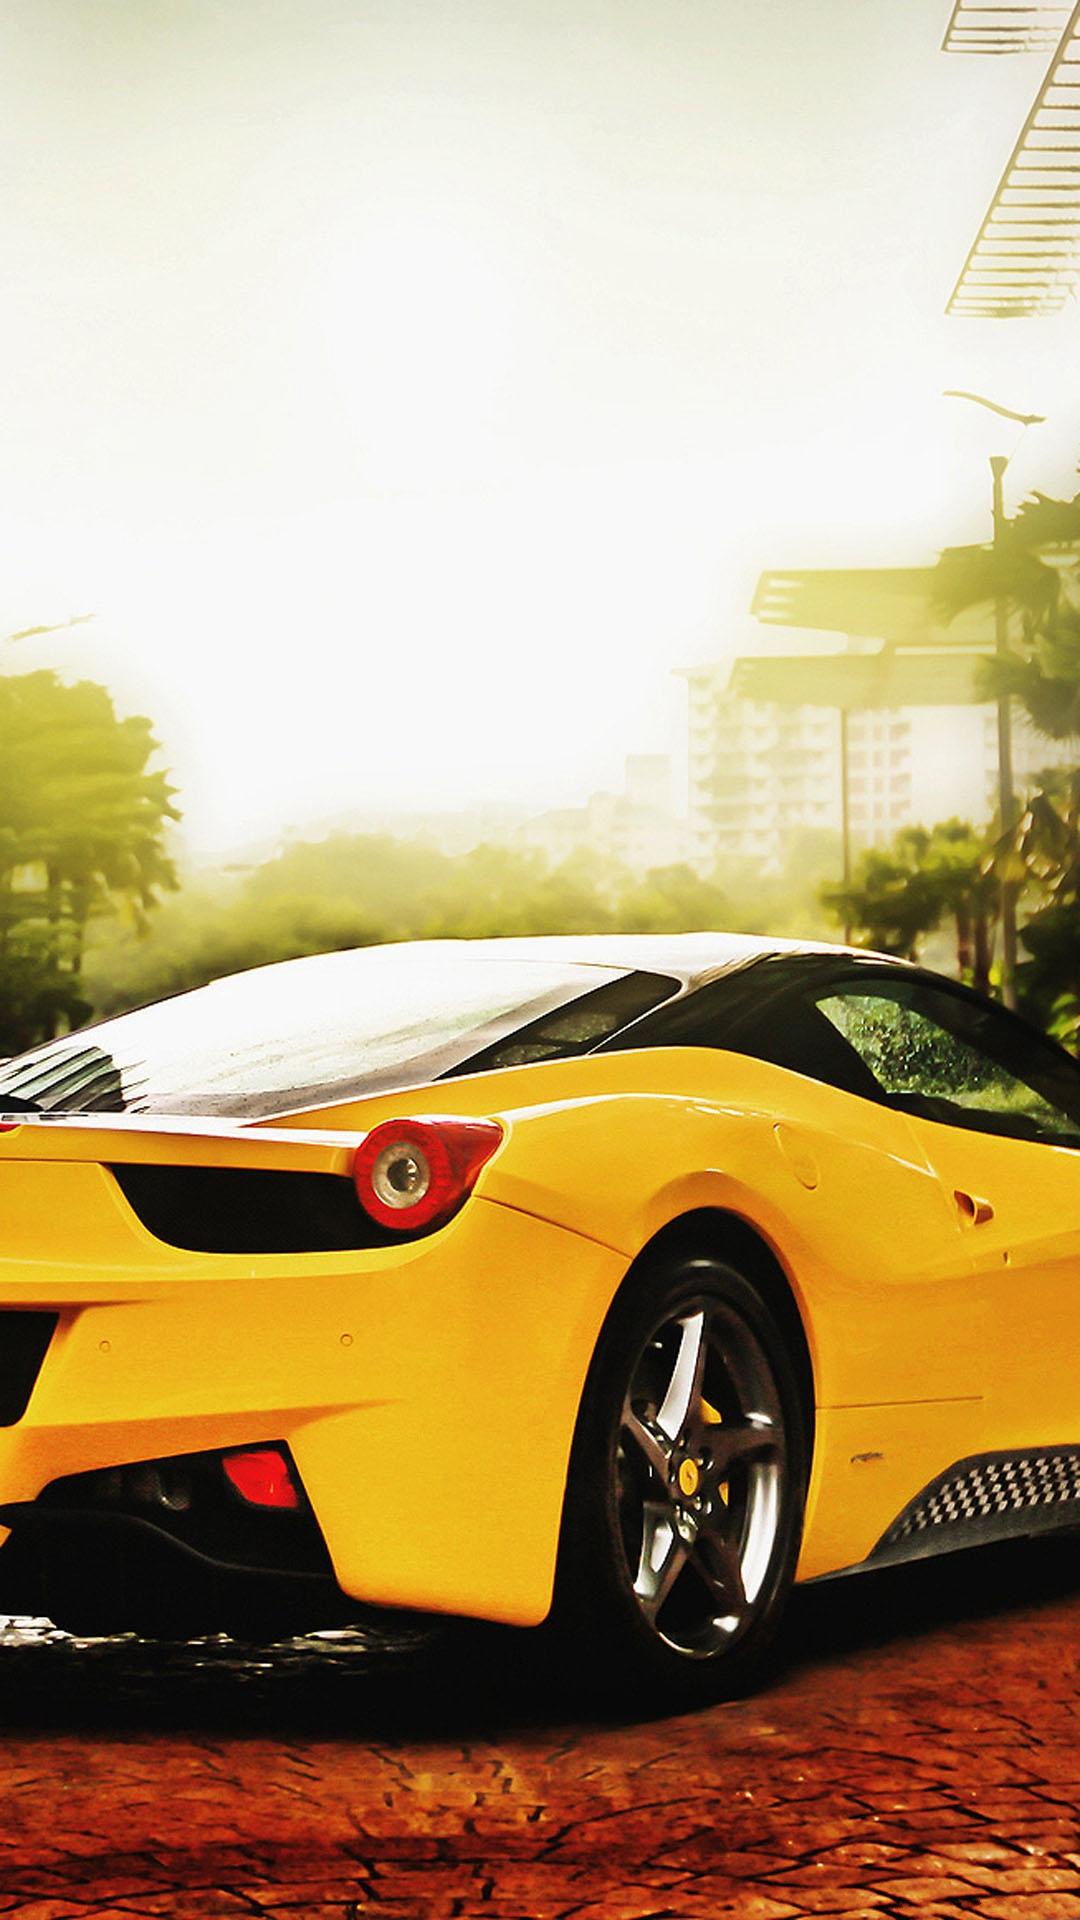 Ferrari 458 Italia HTC hd wallpaper